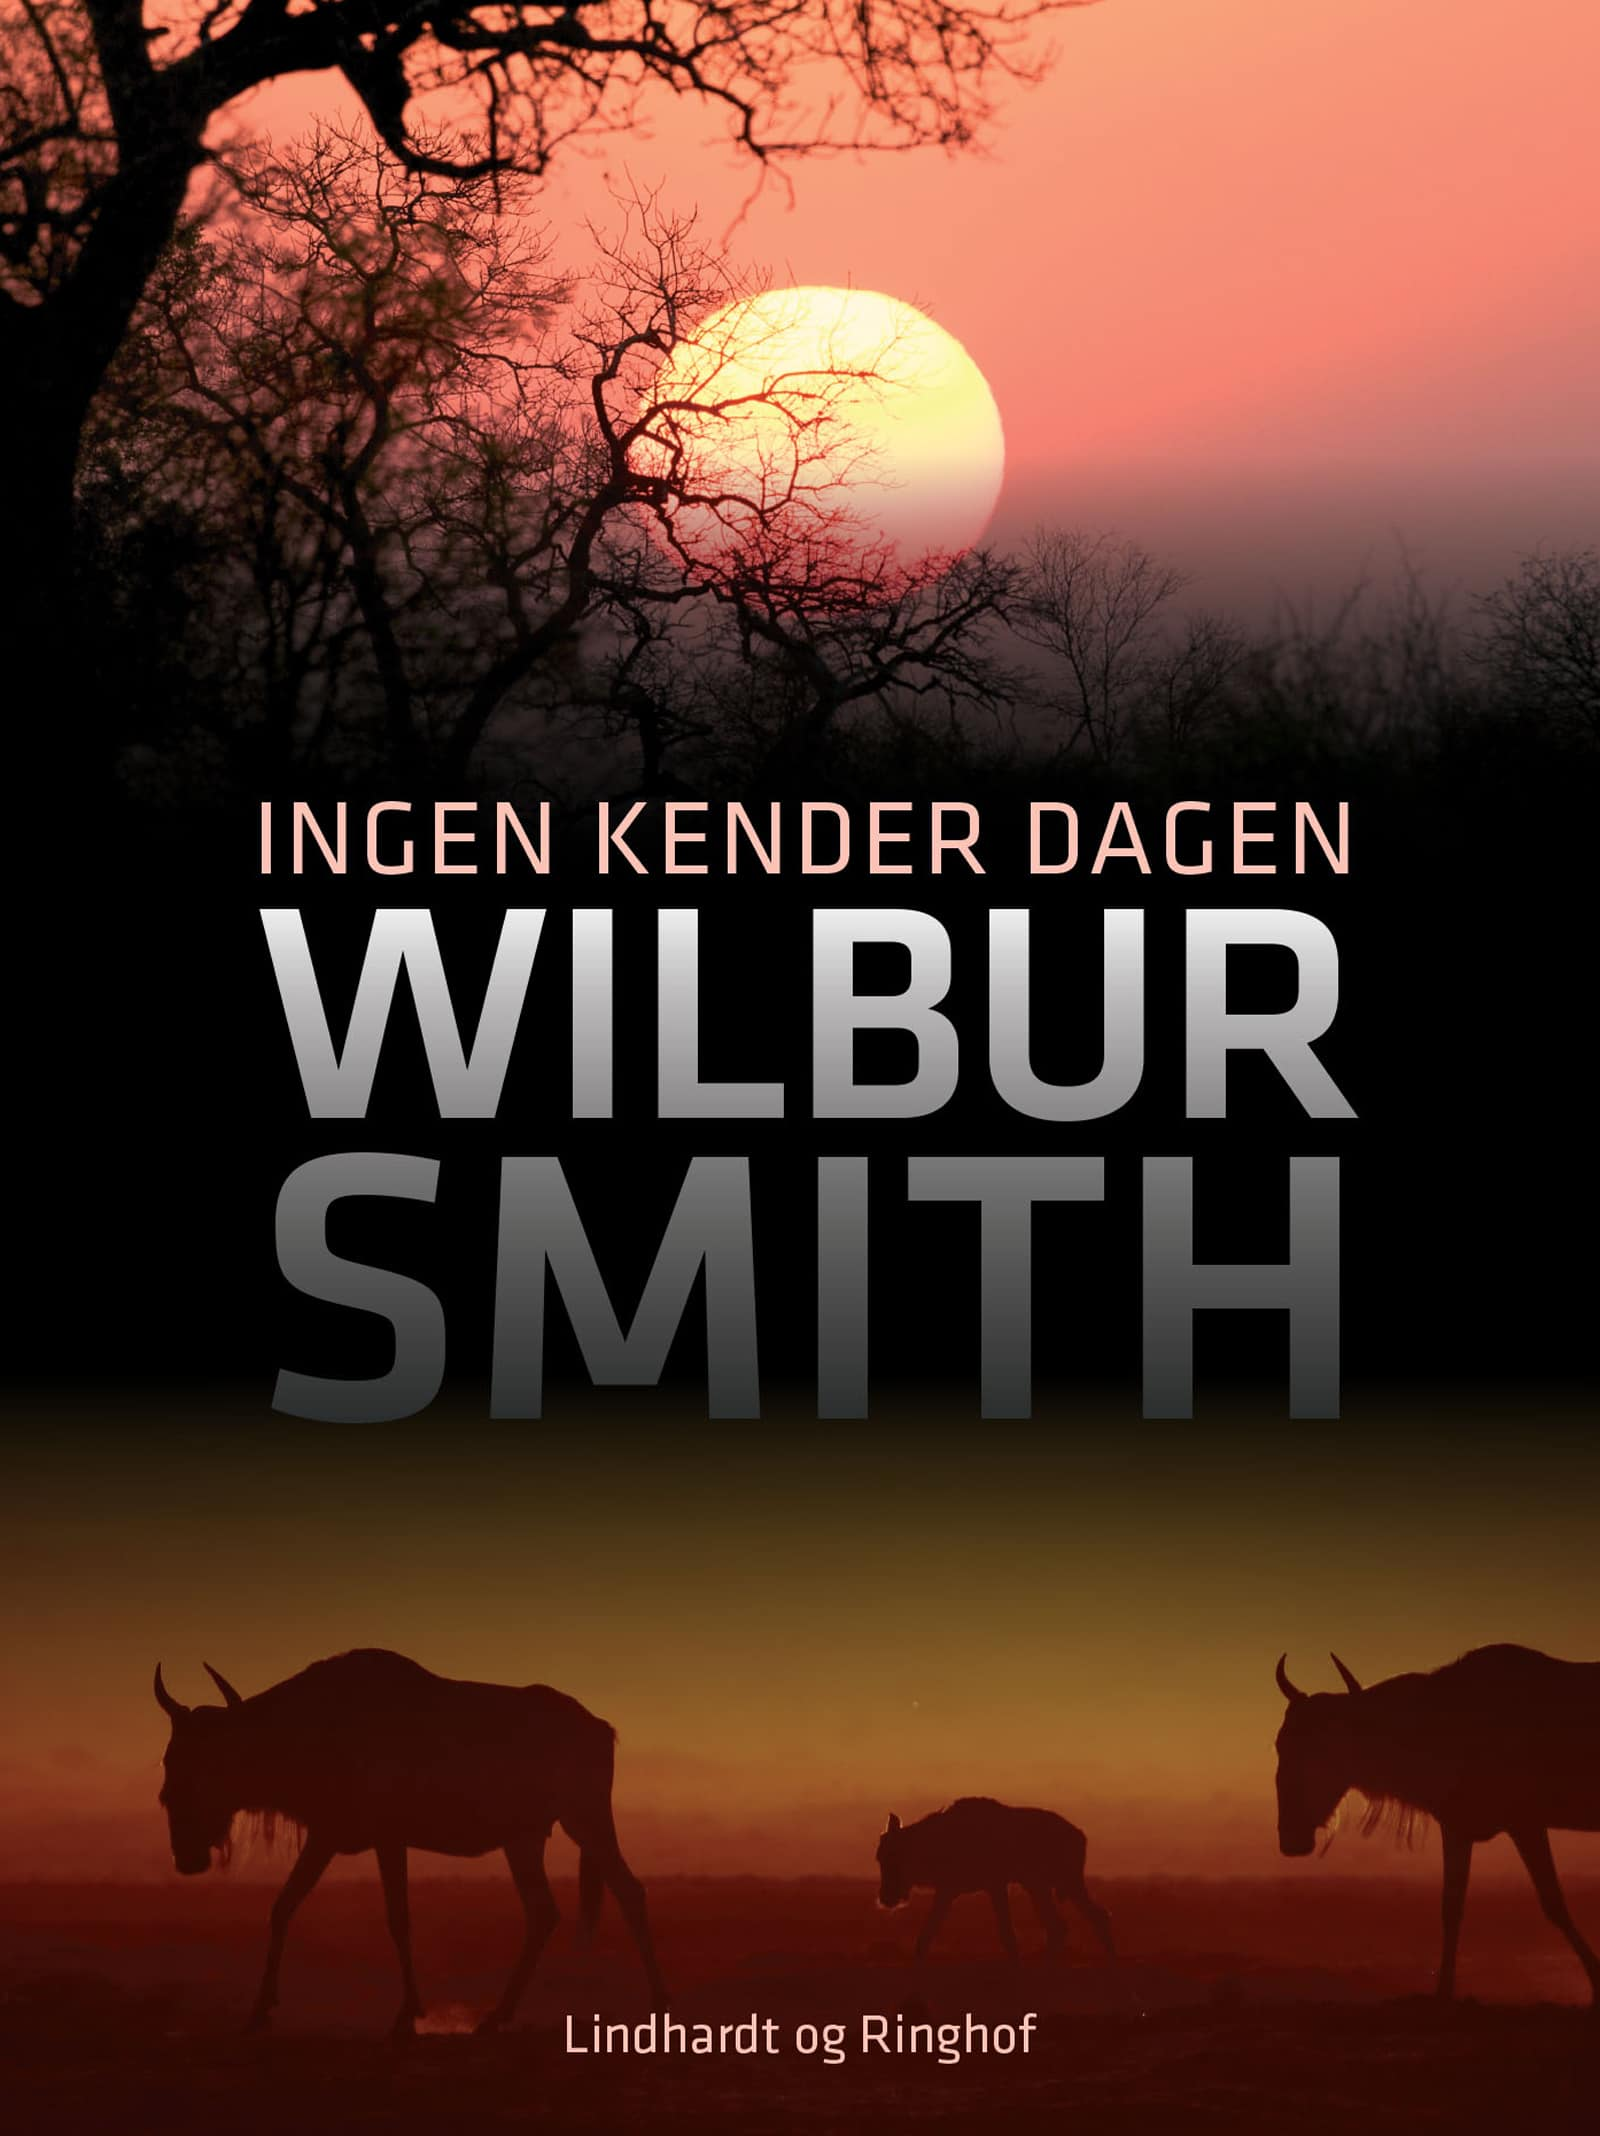 Ingen kender dagen, Wilbur Smith, Courtney-serien